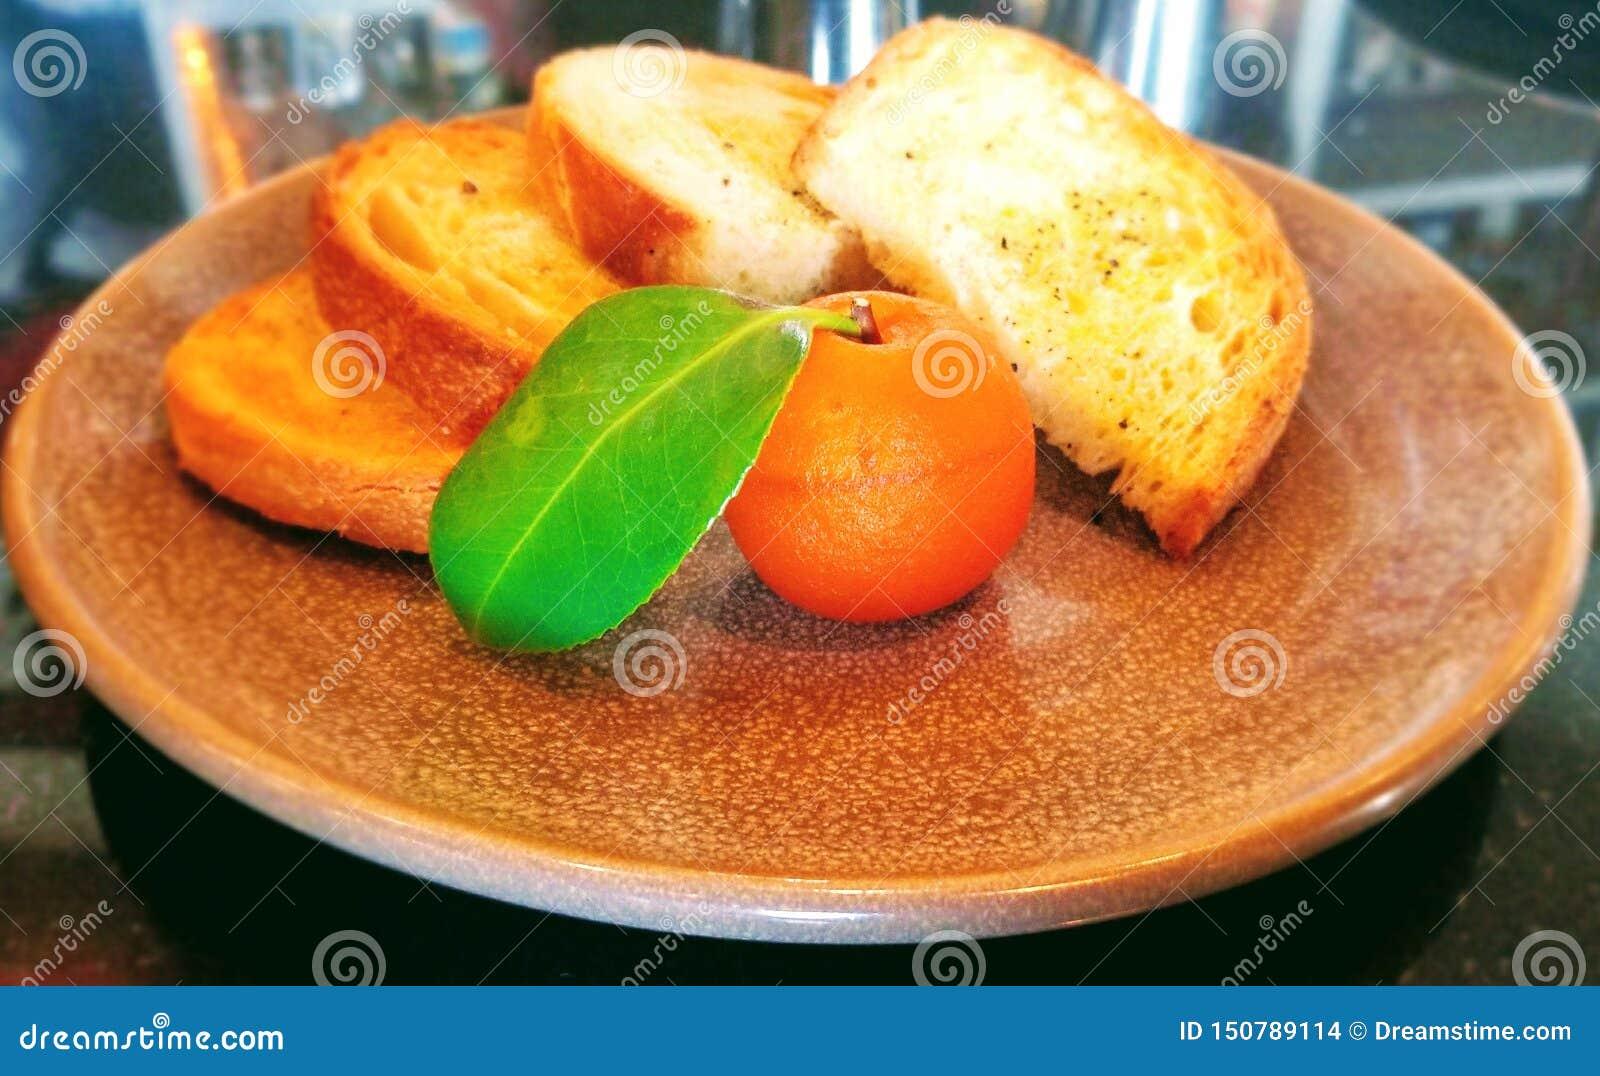 食家开胃菜:午餐的鹅肝